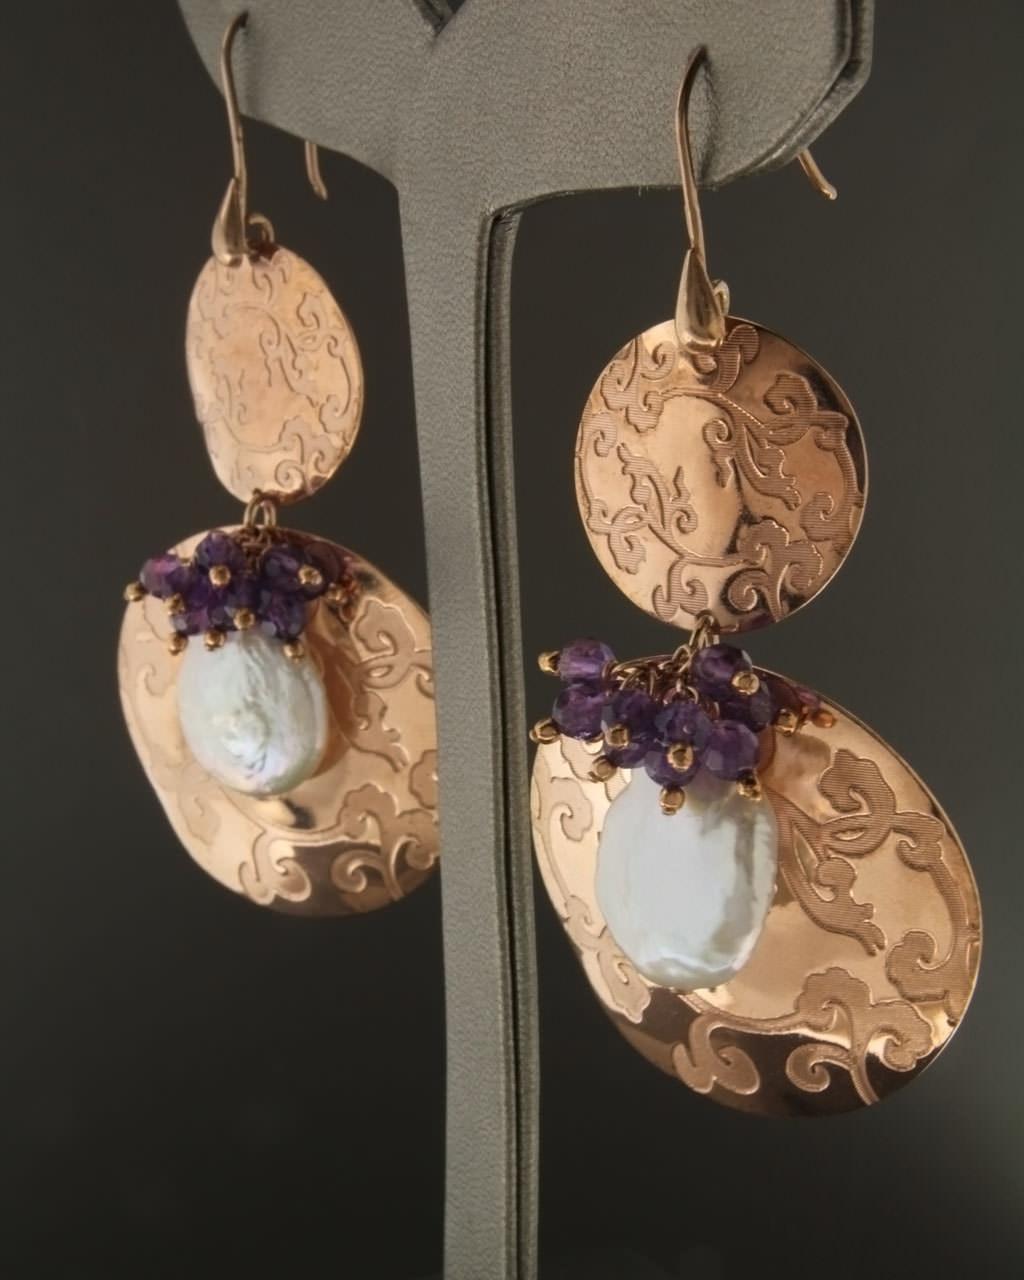 Σκουλαρίκια ασημένια με Μαργαριτάρια & Αμέθυστο   γυναικα σκουλαρίκια σκουλαρίκια ασημένια